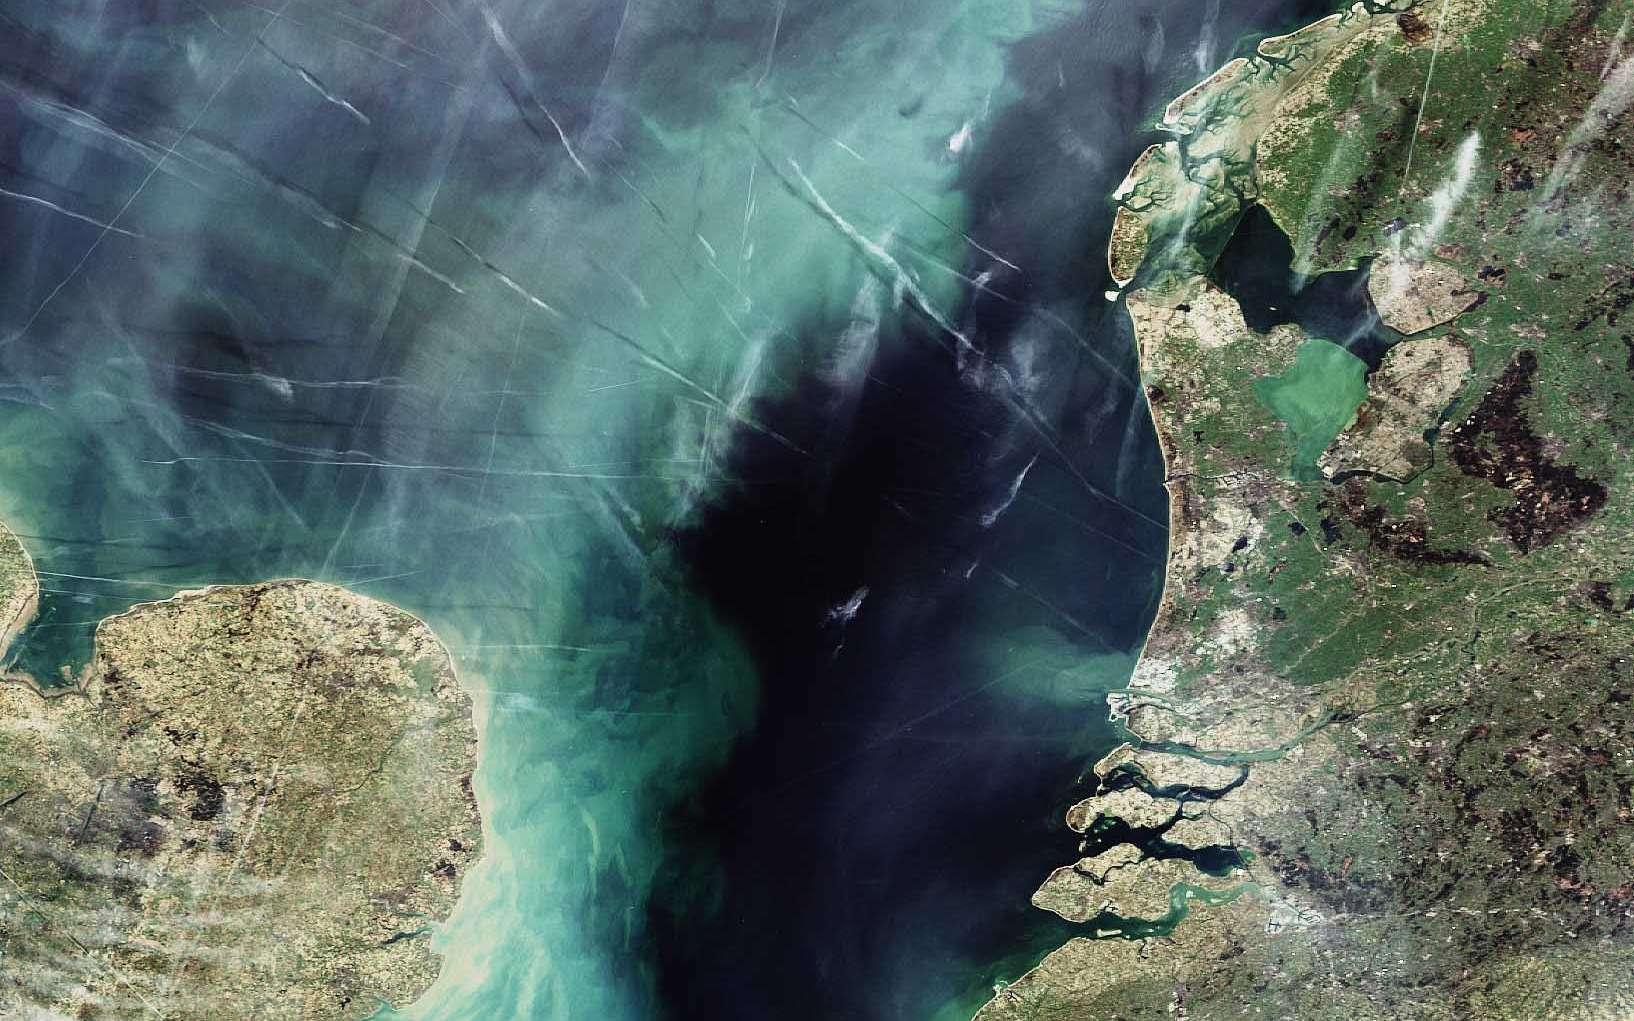 Une autre image du ciel de l'Europe du nord prise par Envisat en mars 2009. Les traînées des avions y sont bien visibles. © Esa